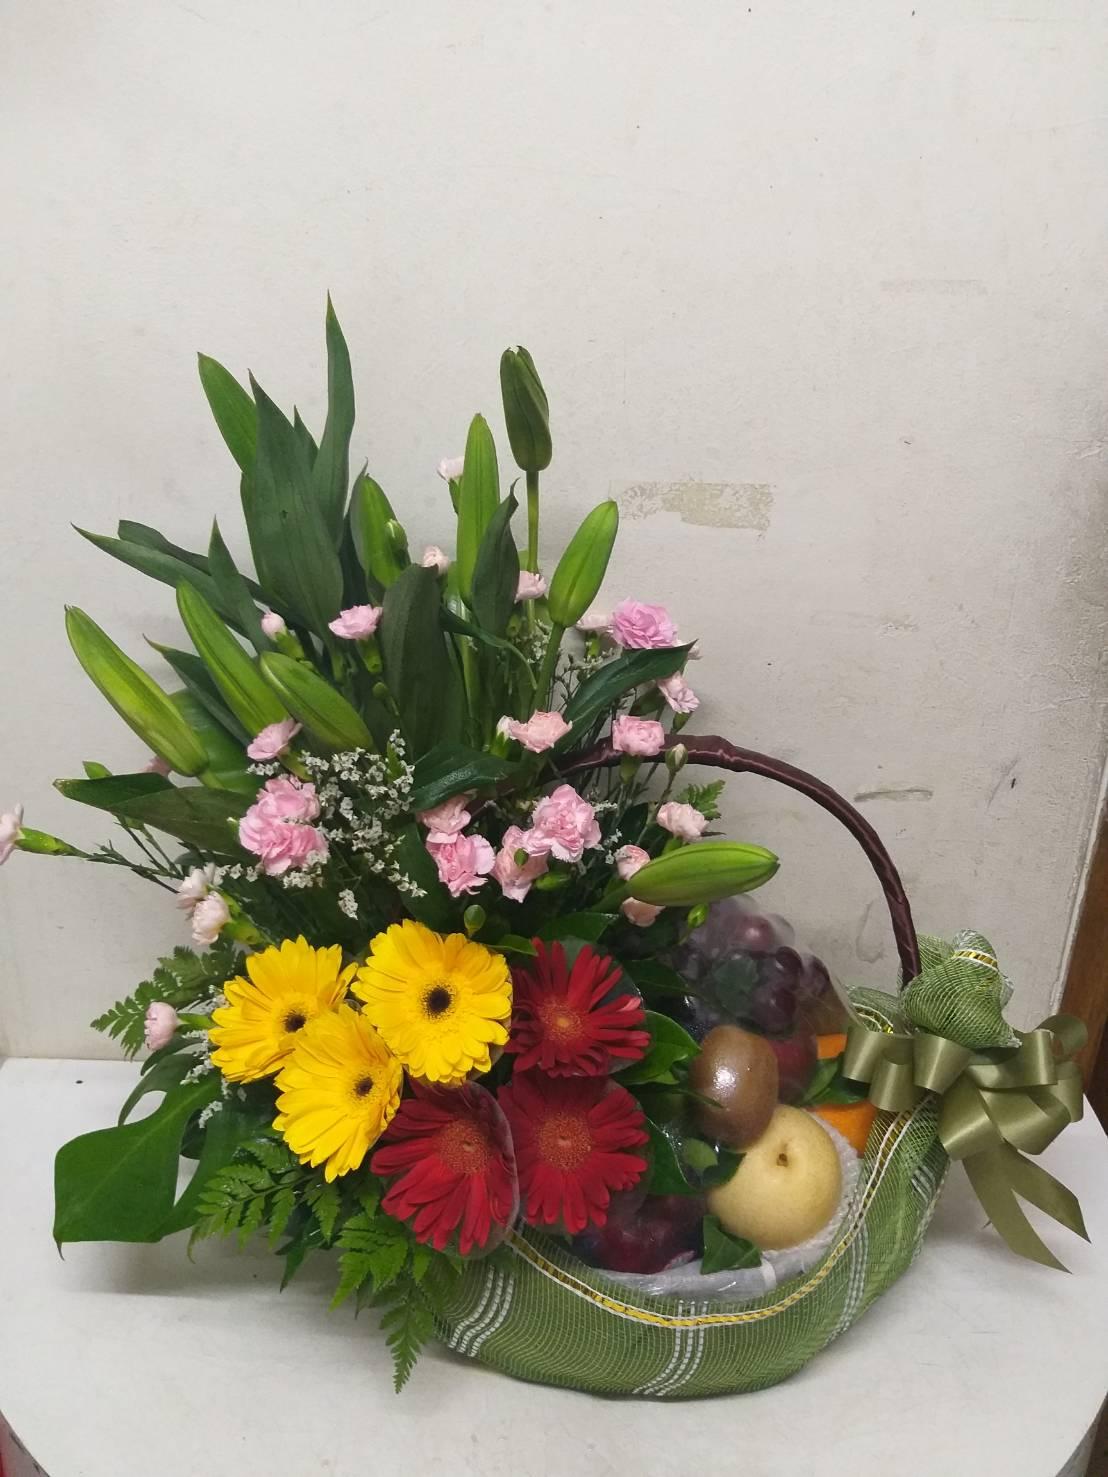 กระเช้าผลไม้อุดมไปด้วยวิตามินนานาชนิด จัดตกแต่งด้วยดอกไม้และใบไม้ต่างๆ อย่างสวยงาม